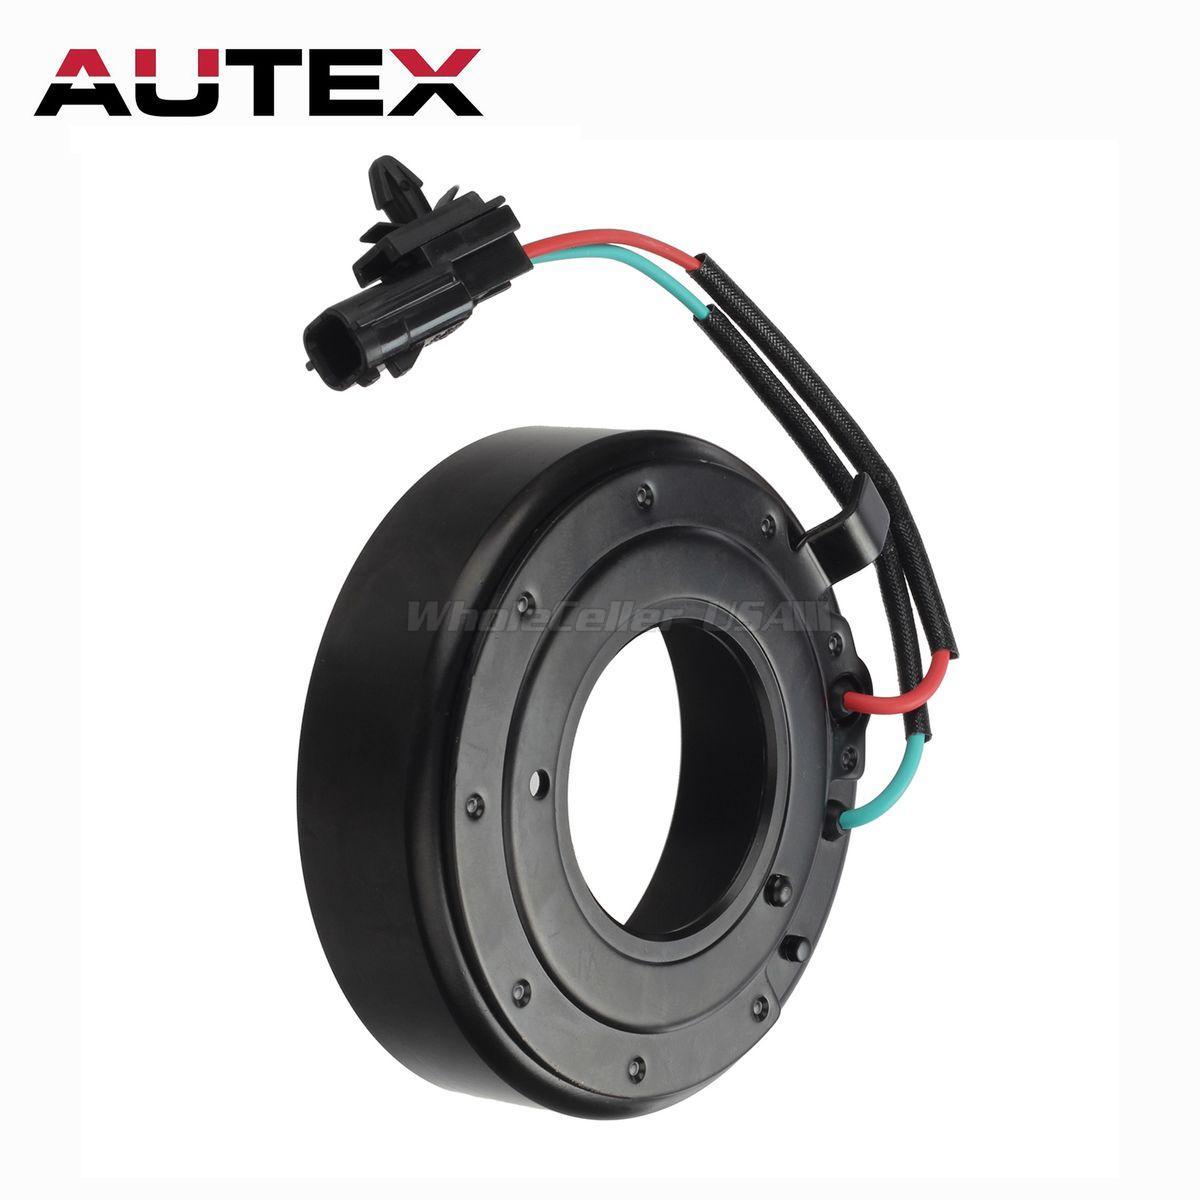 Details about A/C Compressor Clutch Coil For Nissan Altima 07-12 Sentra  07-11 2 0L 2 5L 3 5L